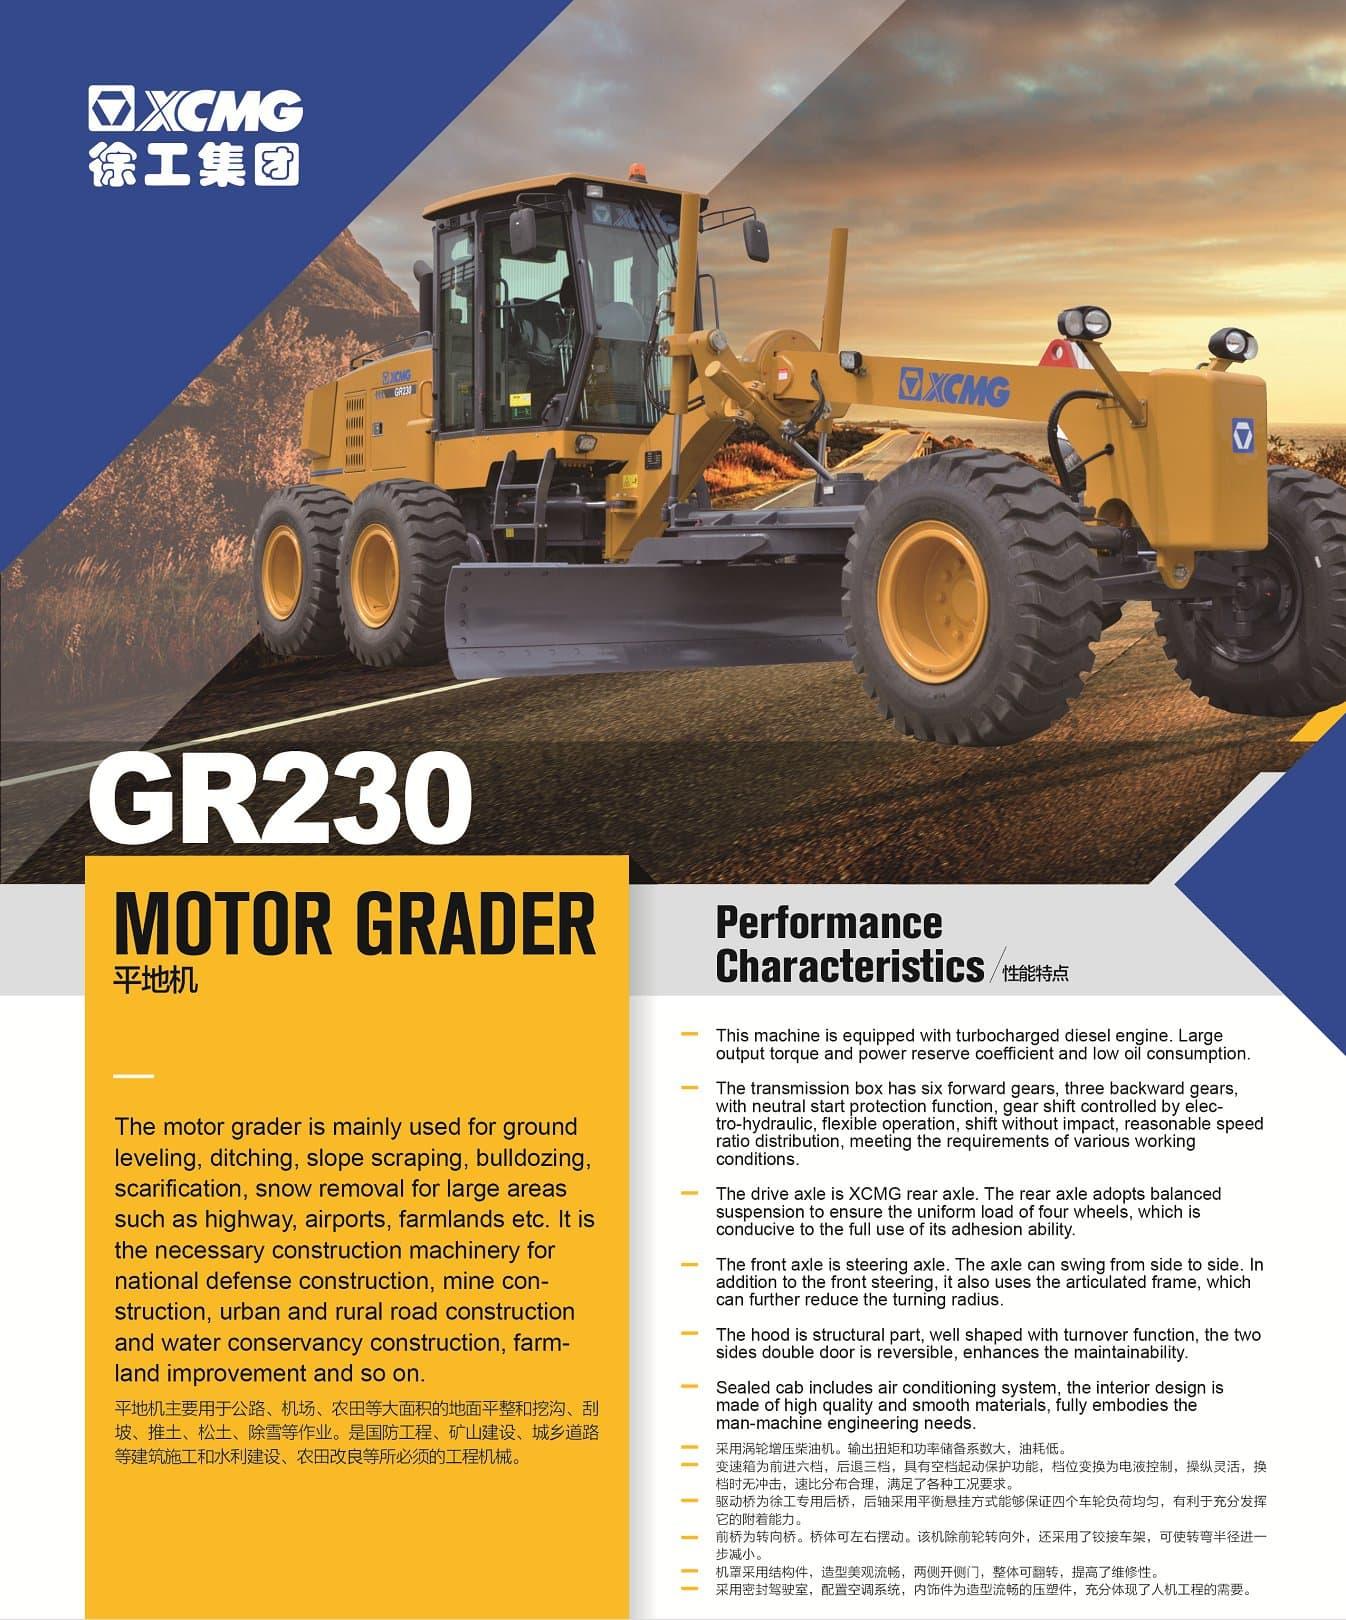 XCMG Official GR230 Motor Grader for sale